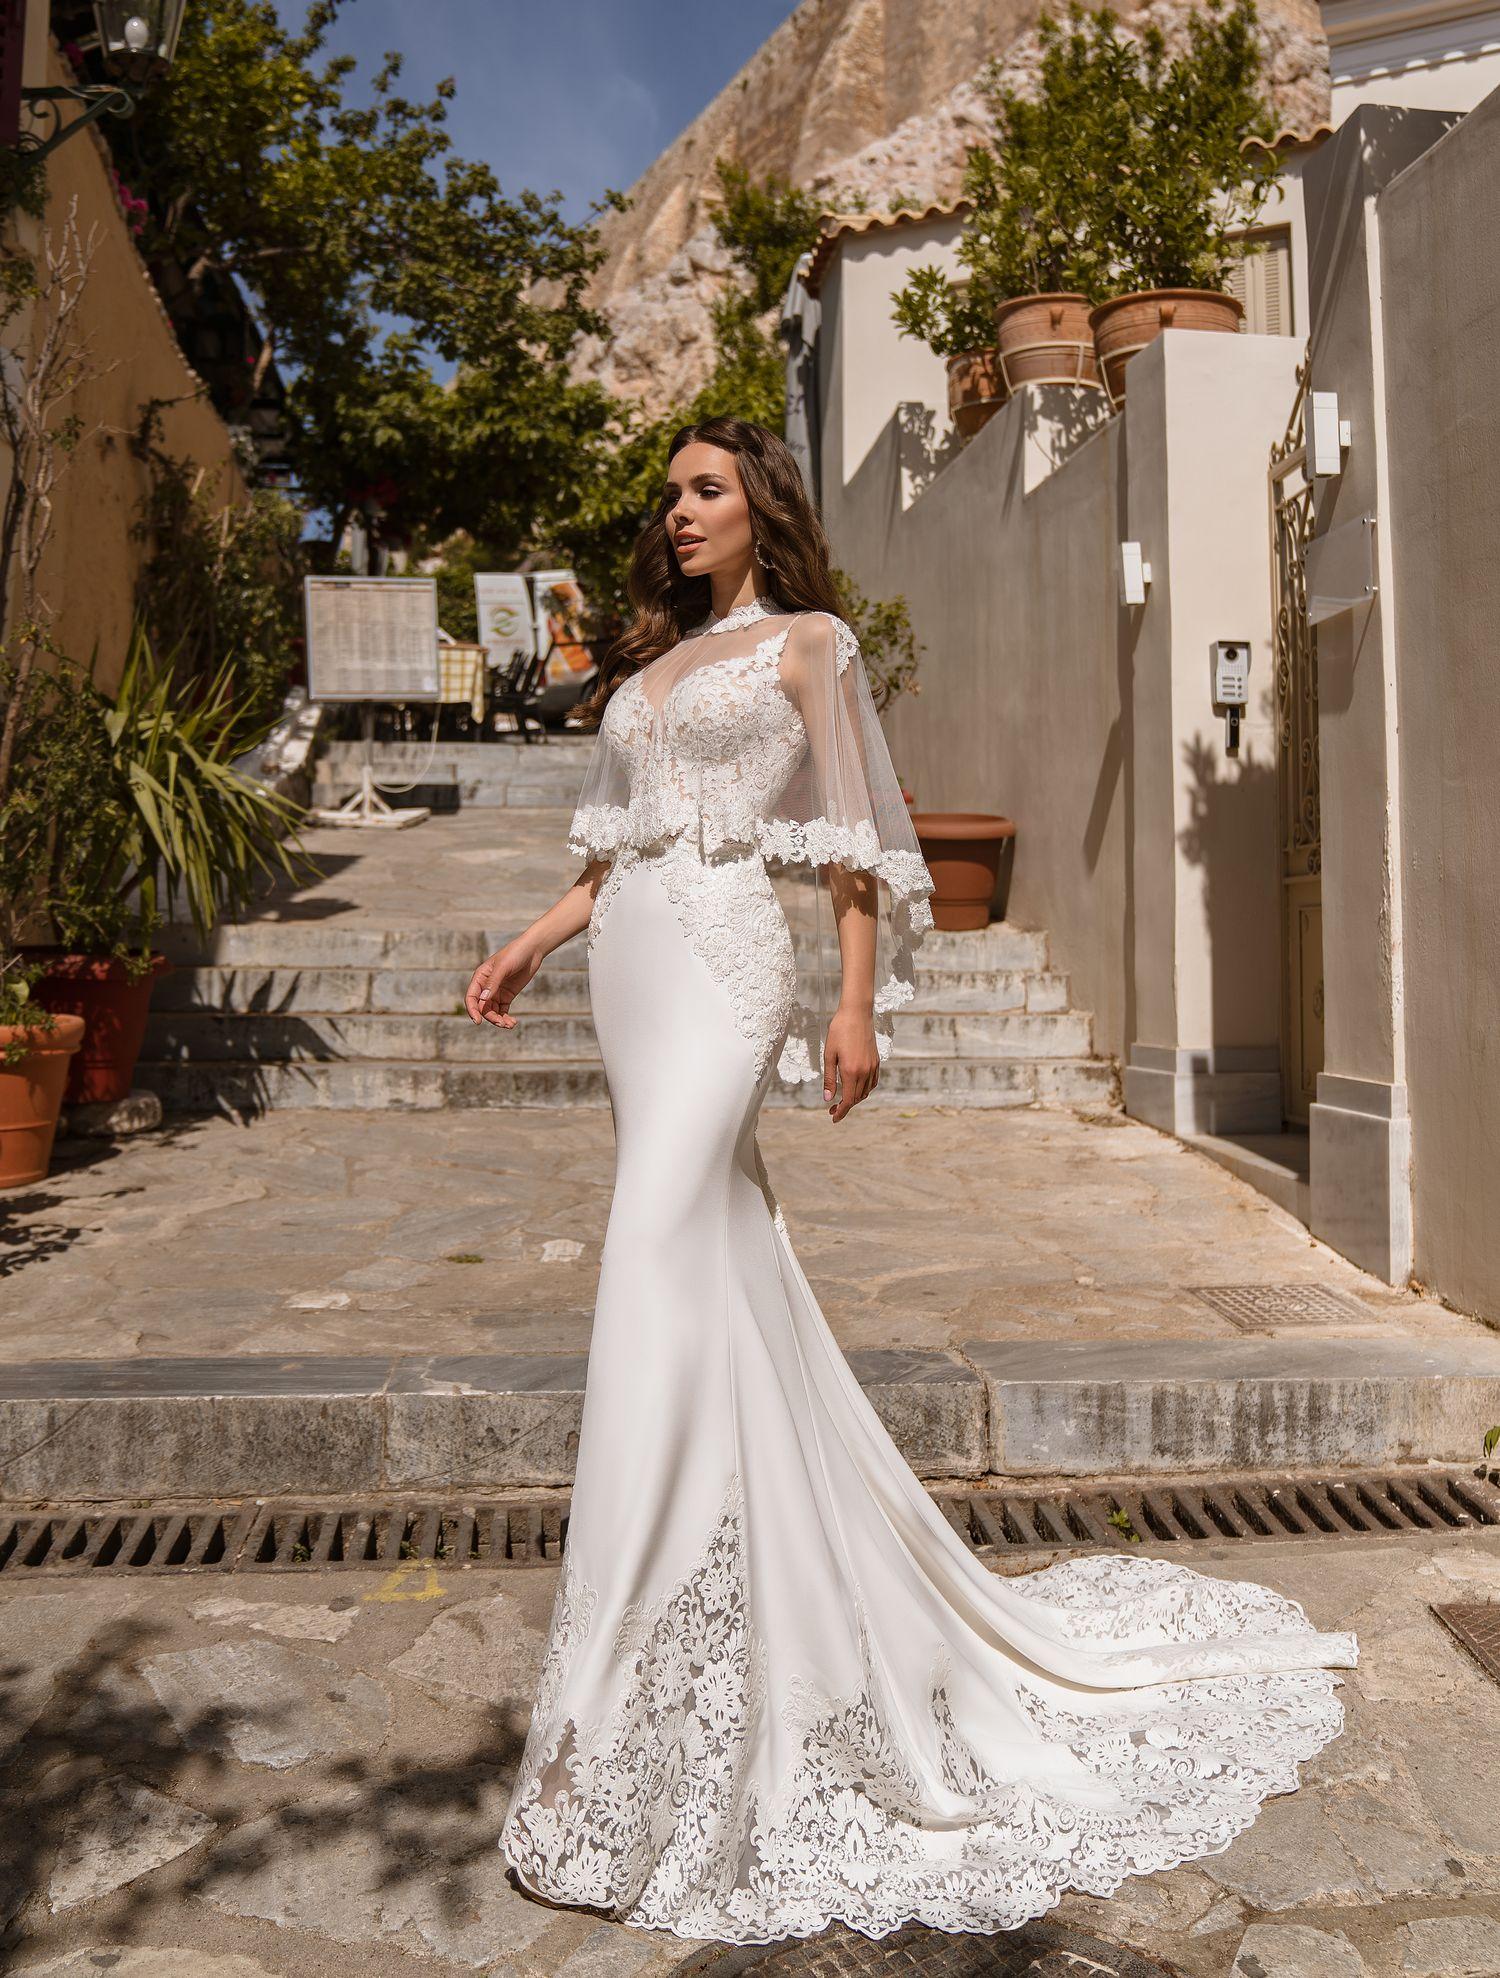 Весільна сукня з накидкою оптом від виробника Supernova-1